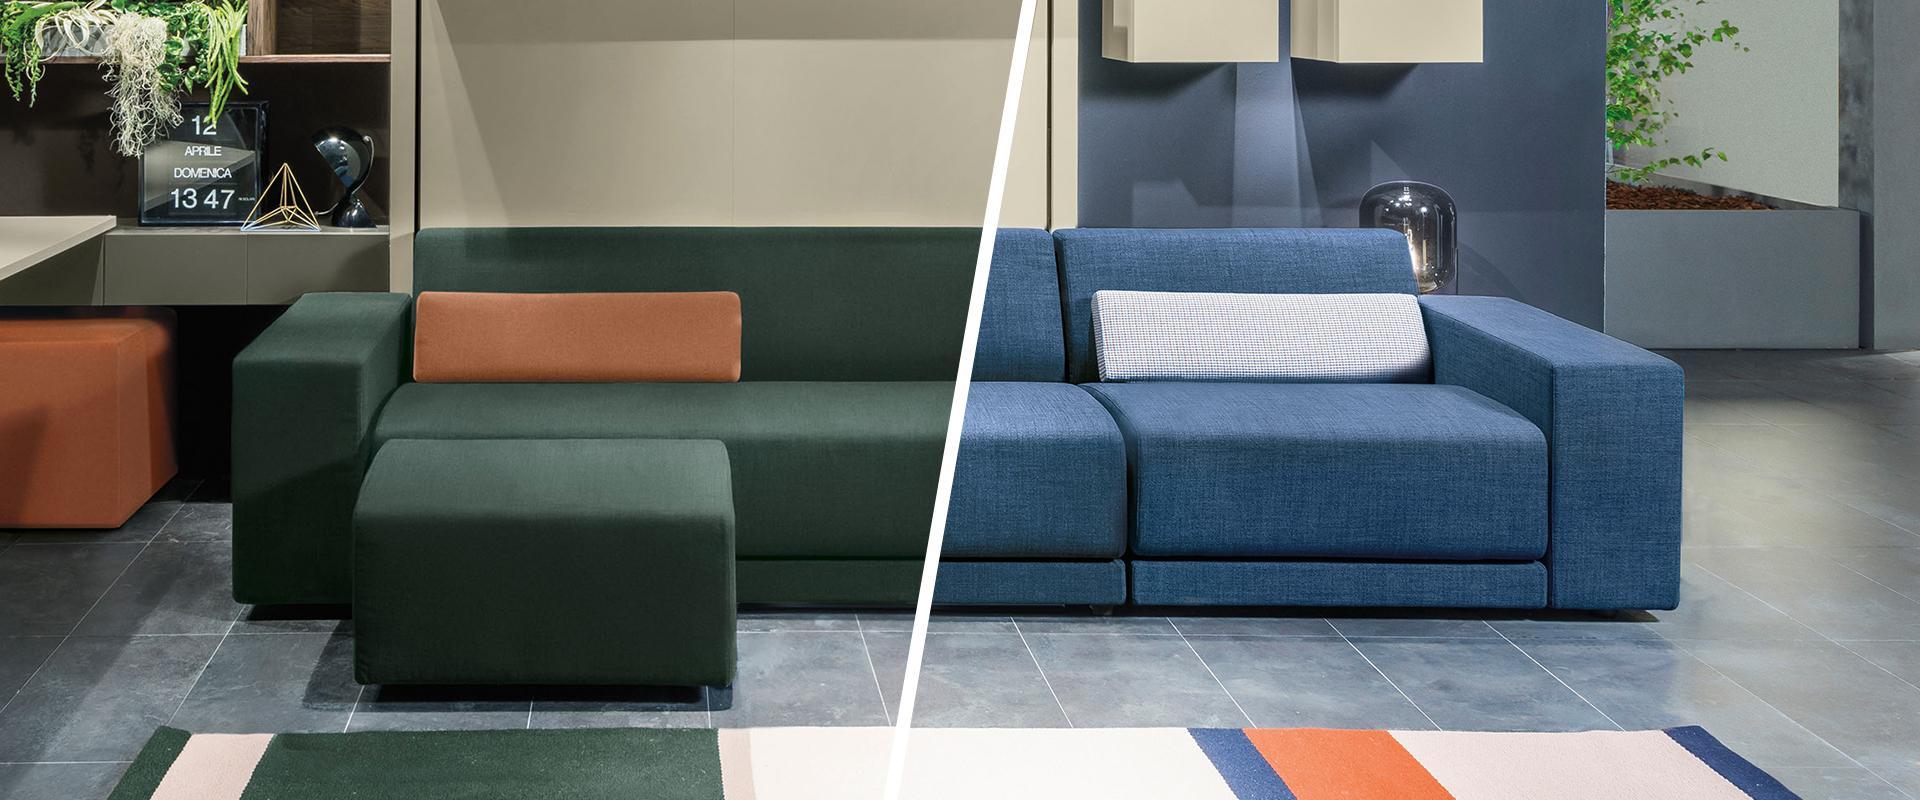 Divano Rosso E Grigio come scegliere il colore del divano? idee per creare i